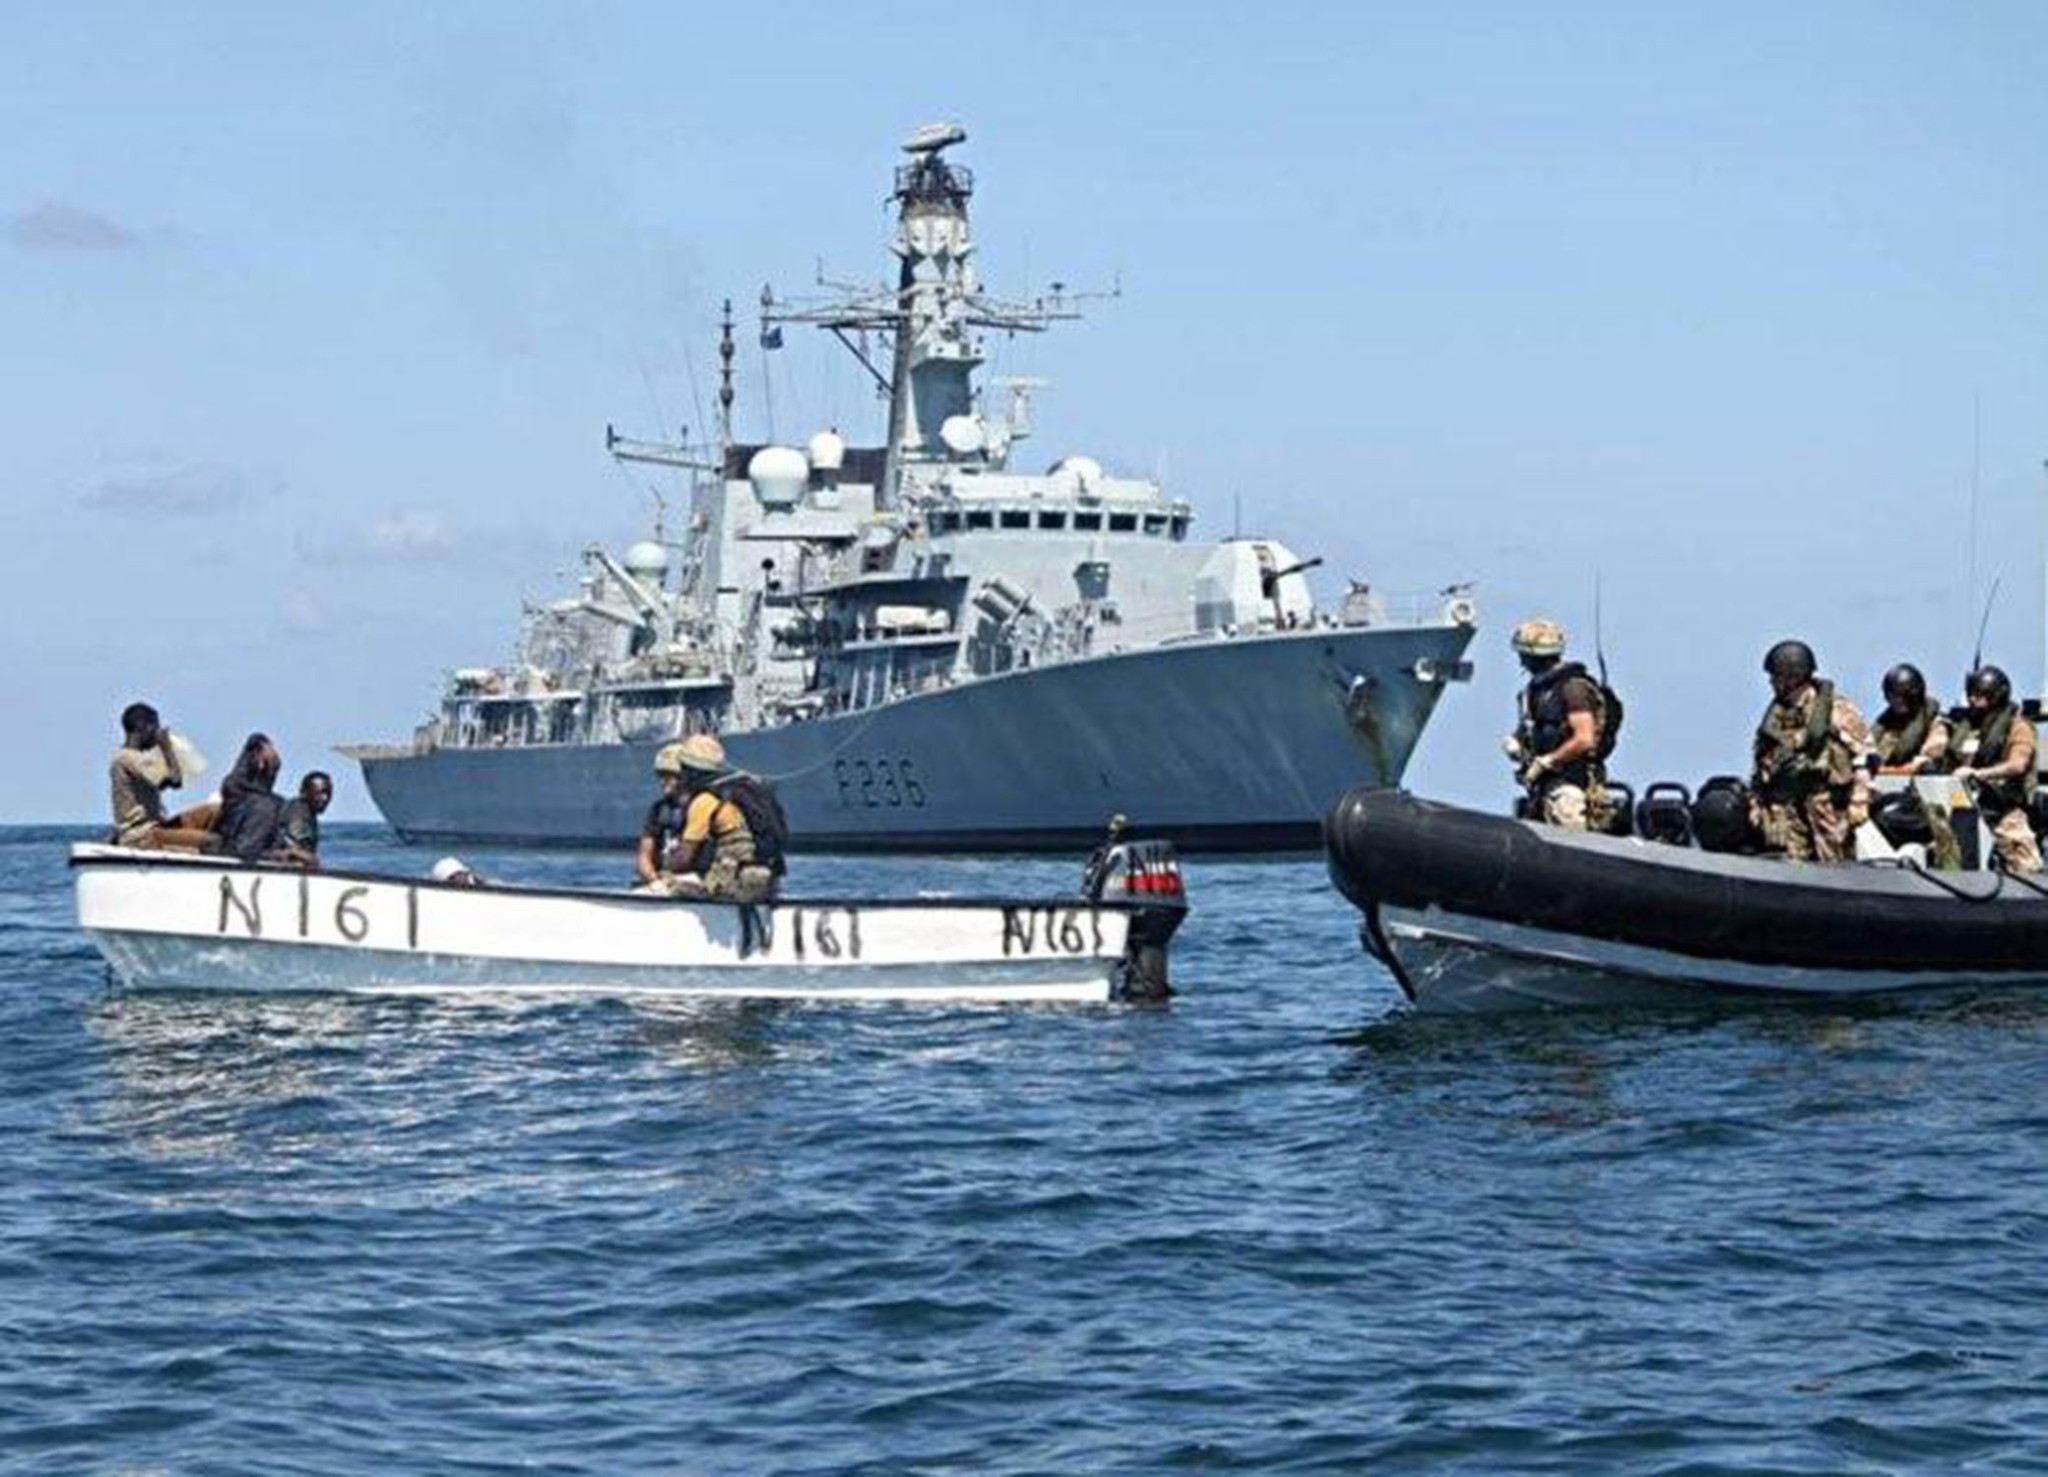 operation-ocean-shield